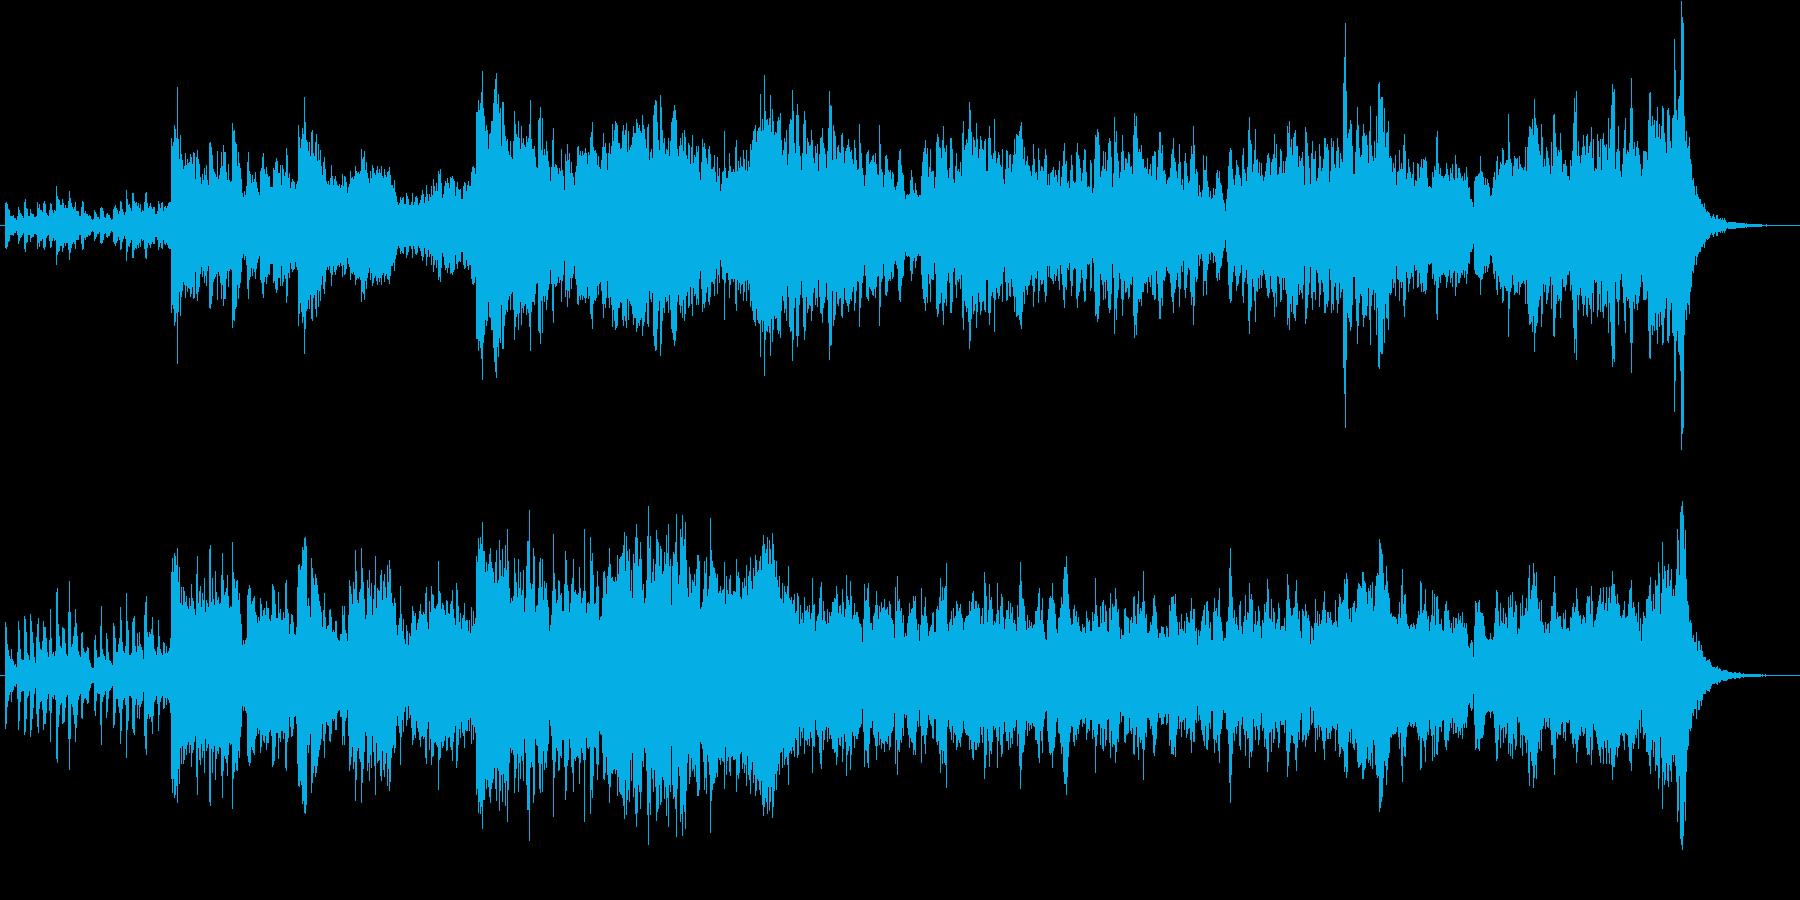 エジプト/ナイル川/ゲームBGMの再生済みの波形